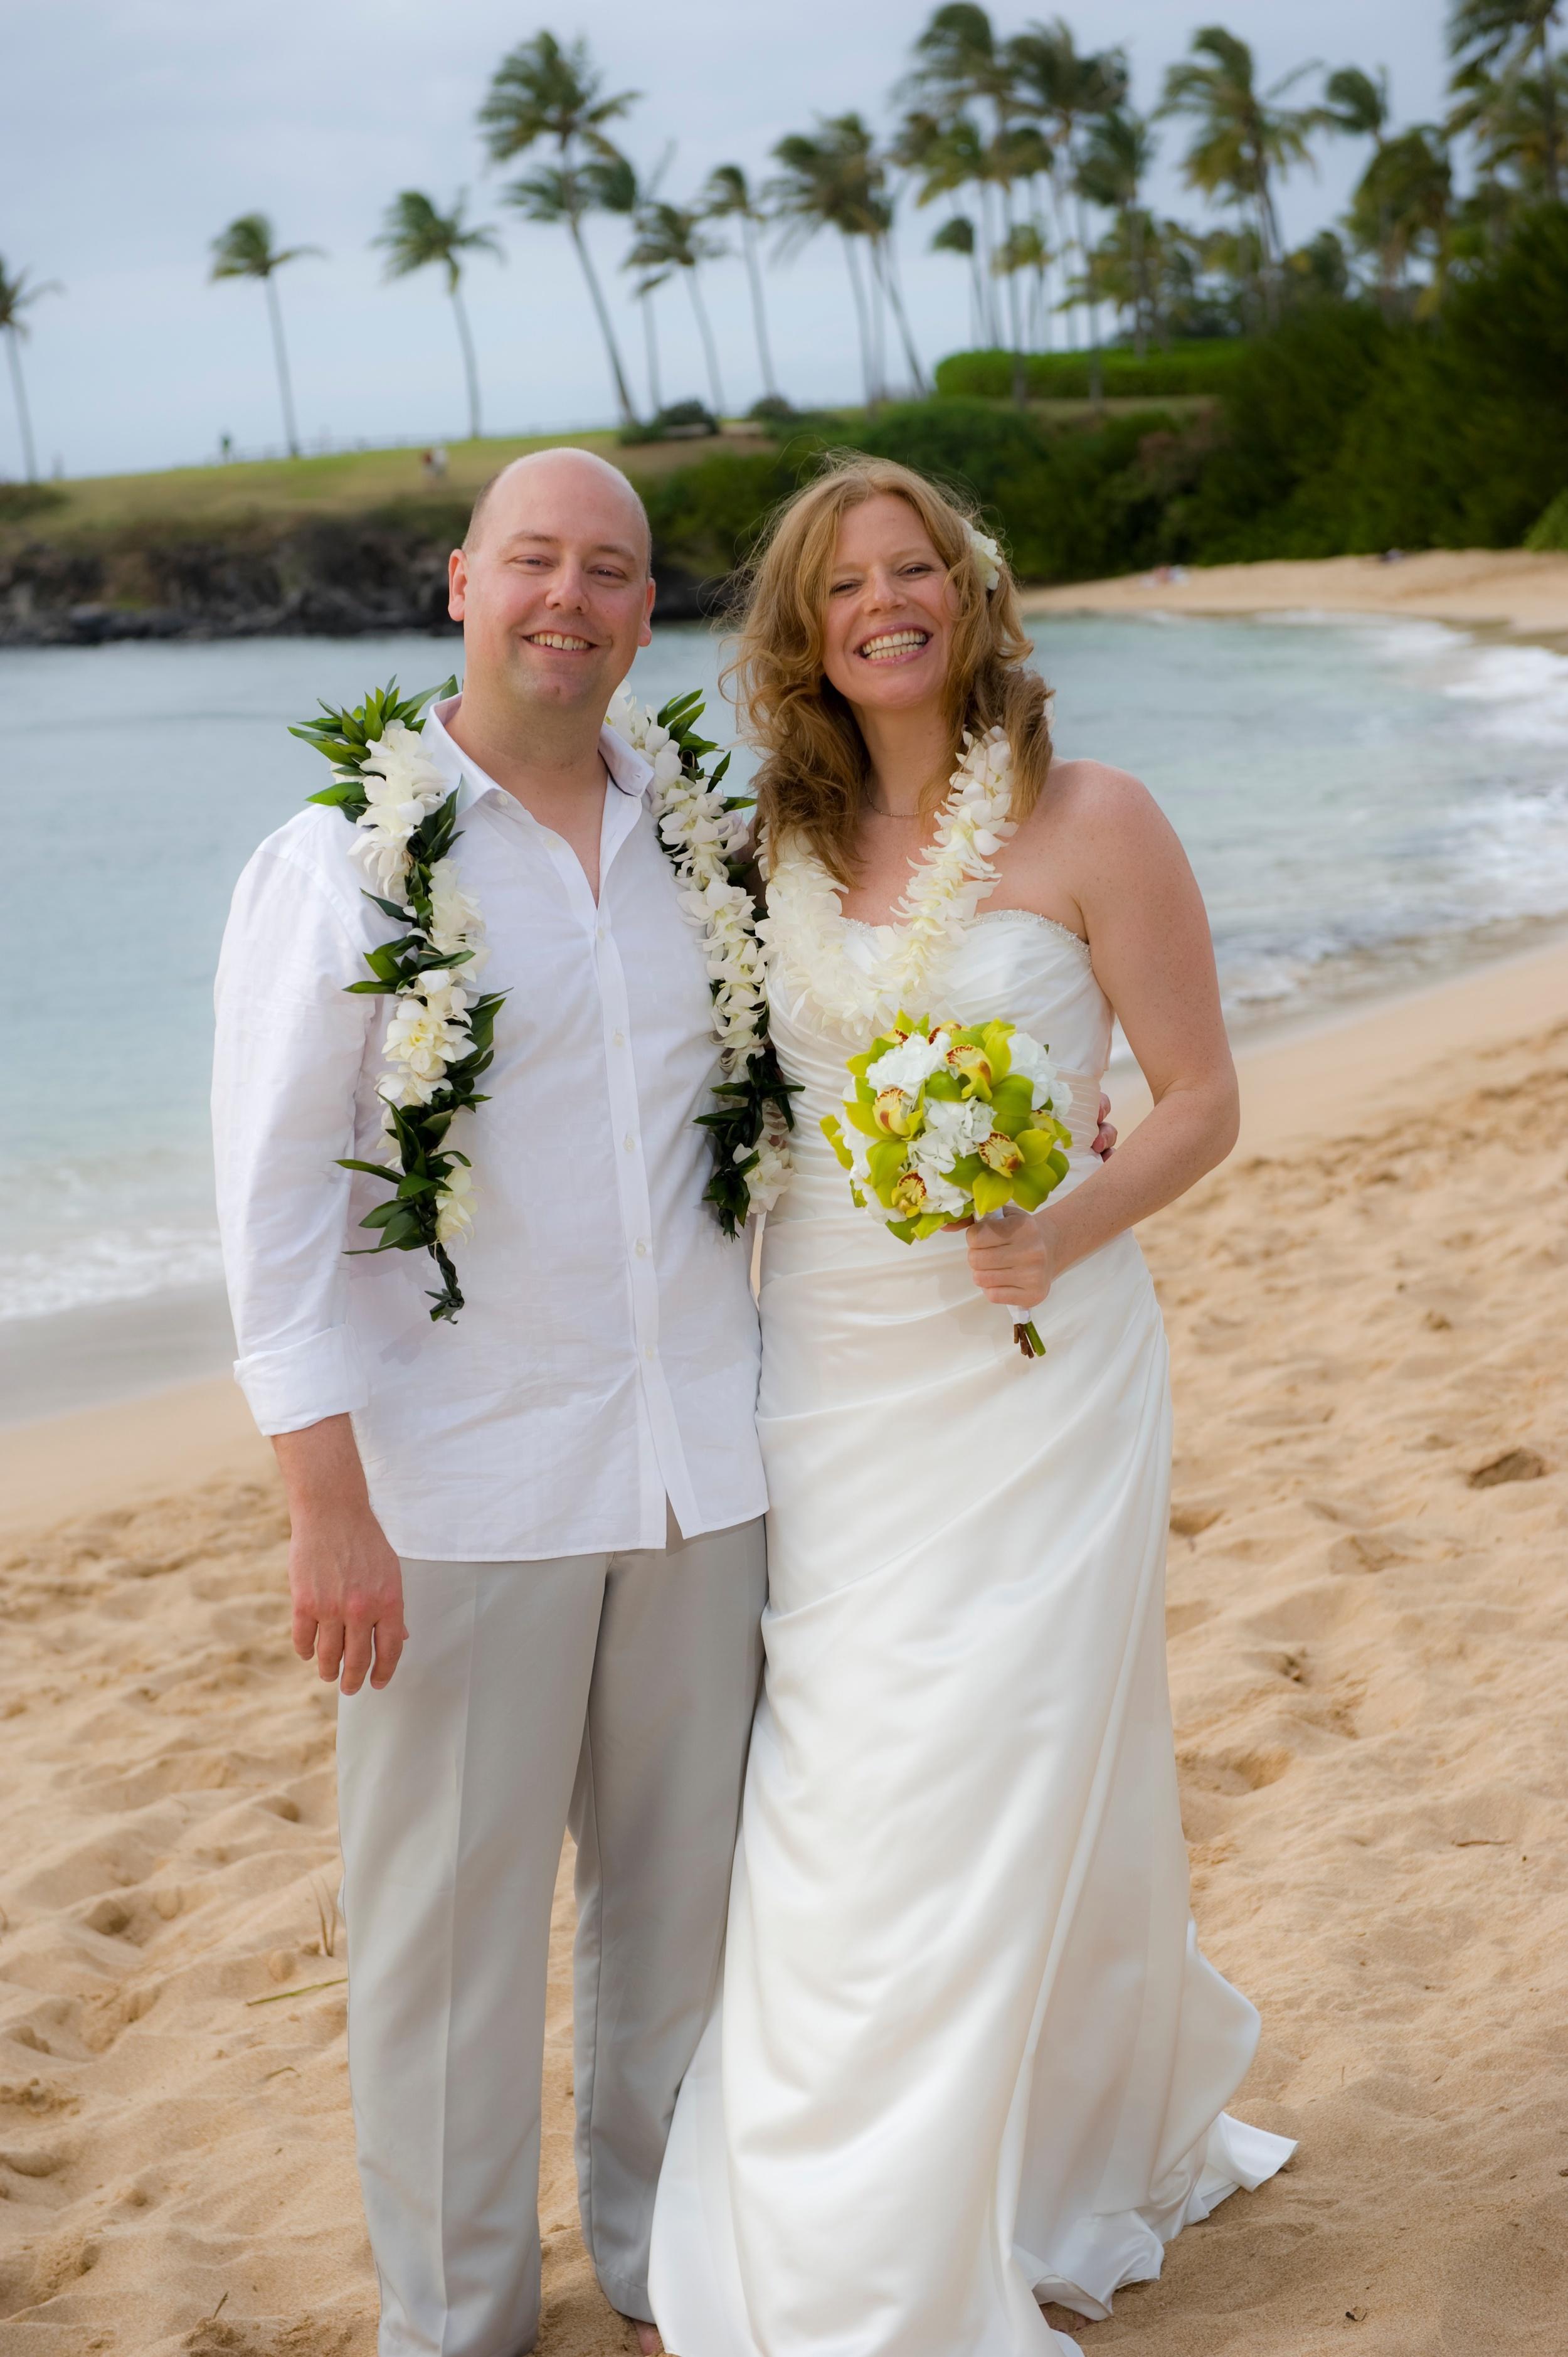 Wedding++31694-1852472001-O.jpg